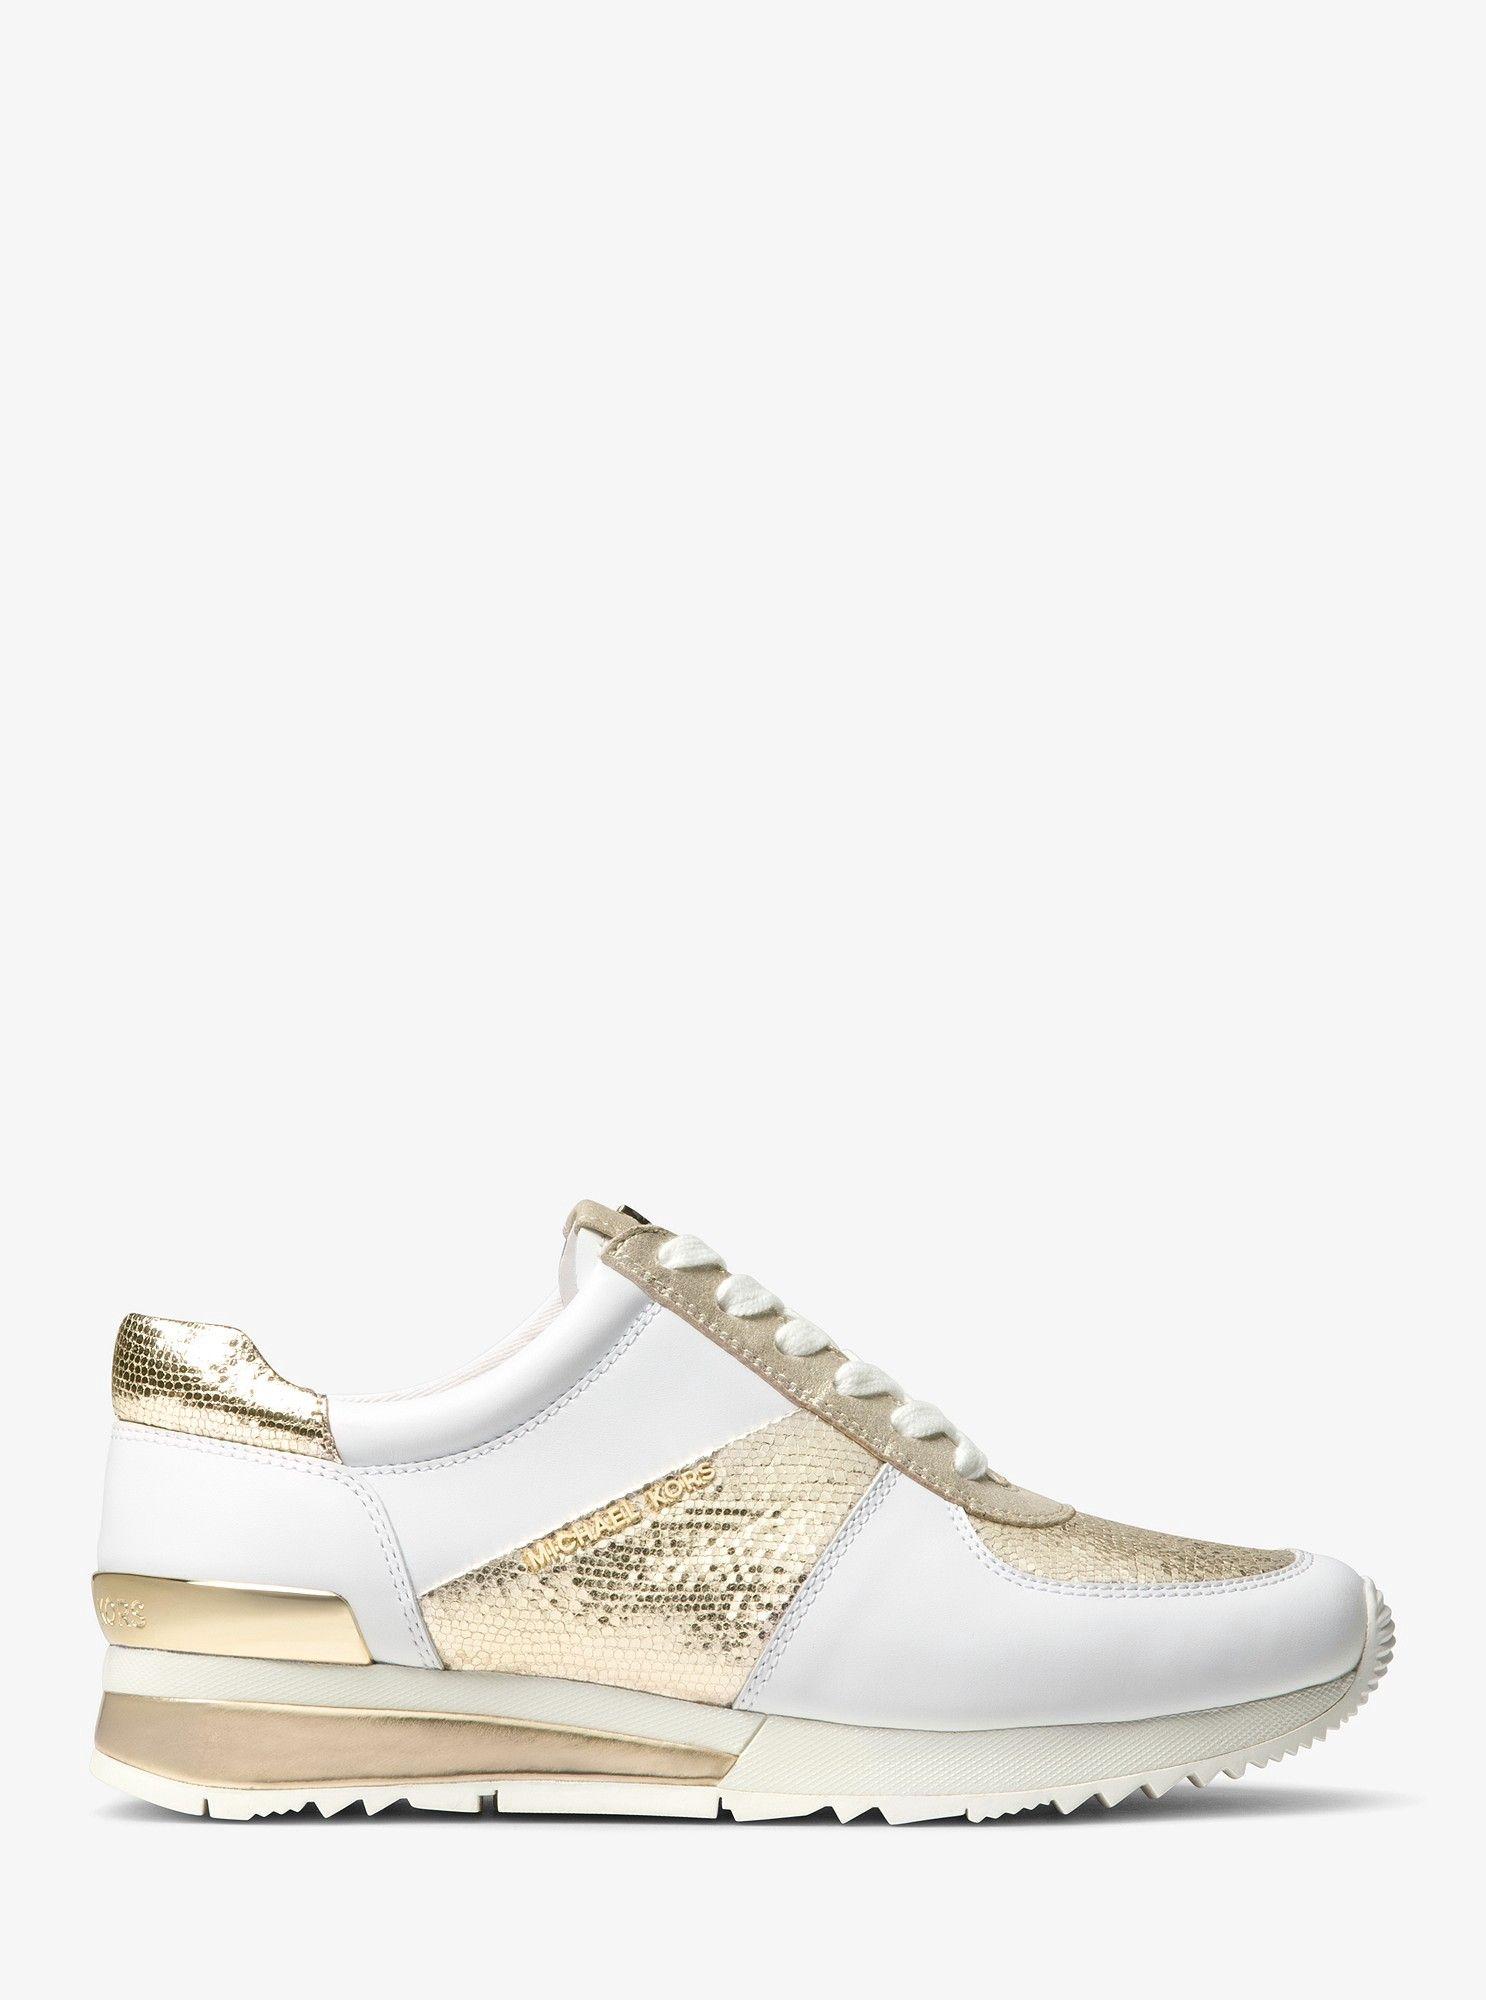 Michael Kors Allie Metallic Leather Sneaker 5 | Sneakers